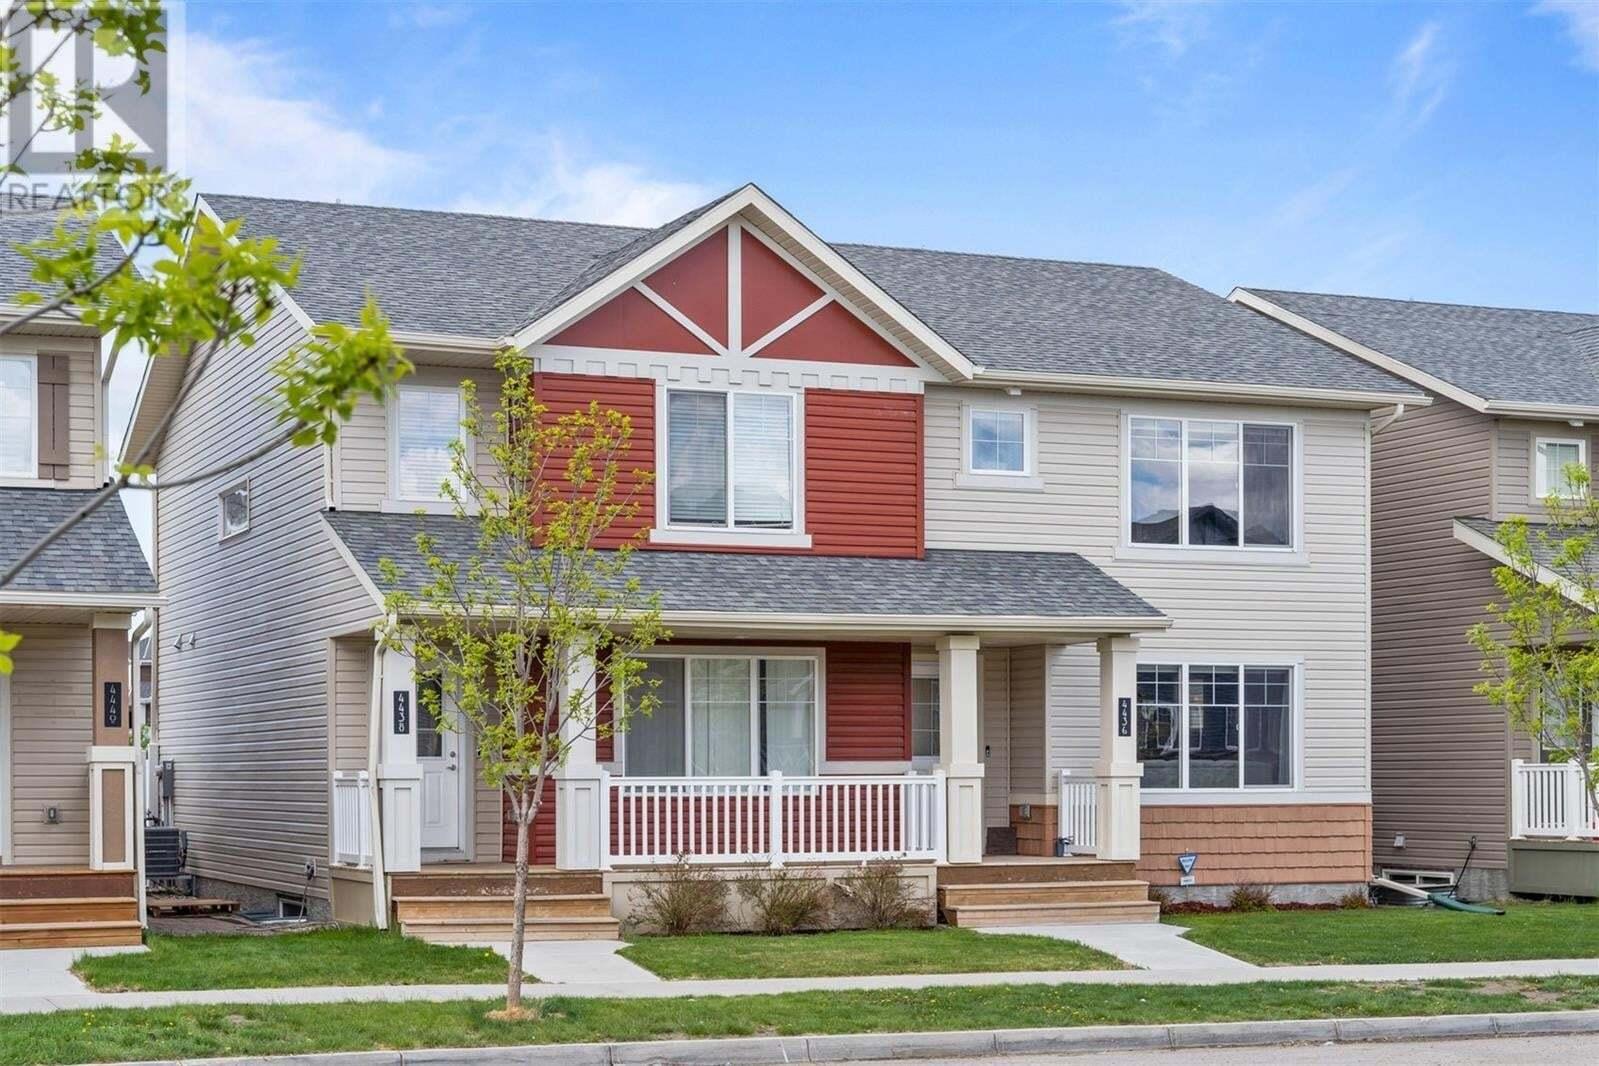 House for sale at 4436 James Hill Rd Regina Saskatchewan - MLS: SK810377